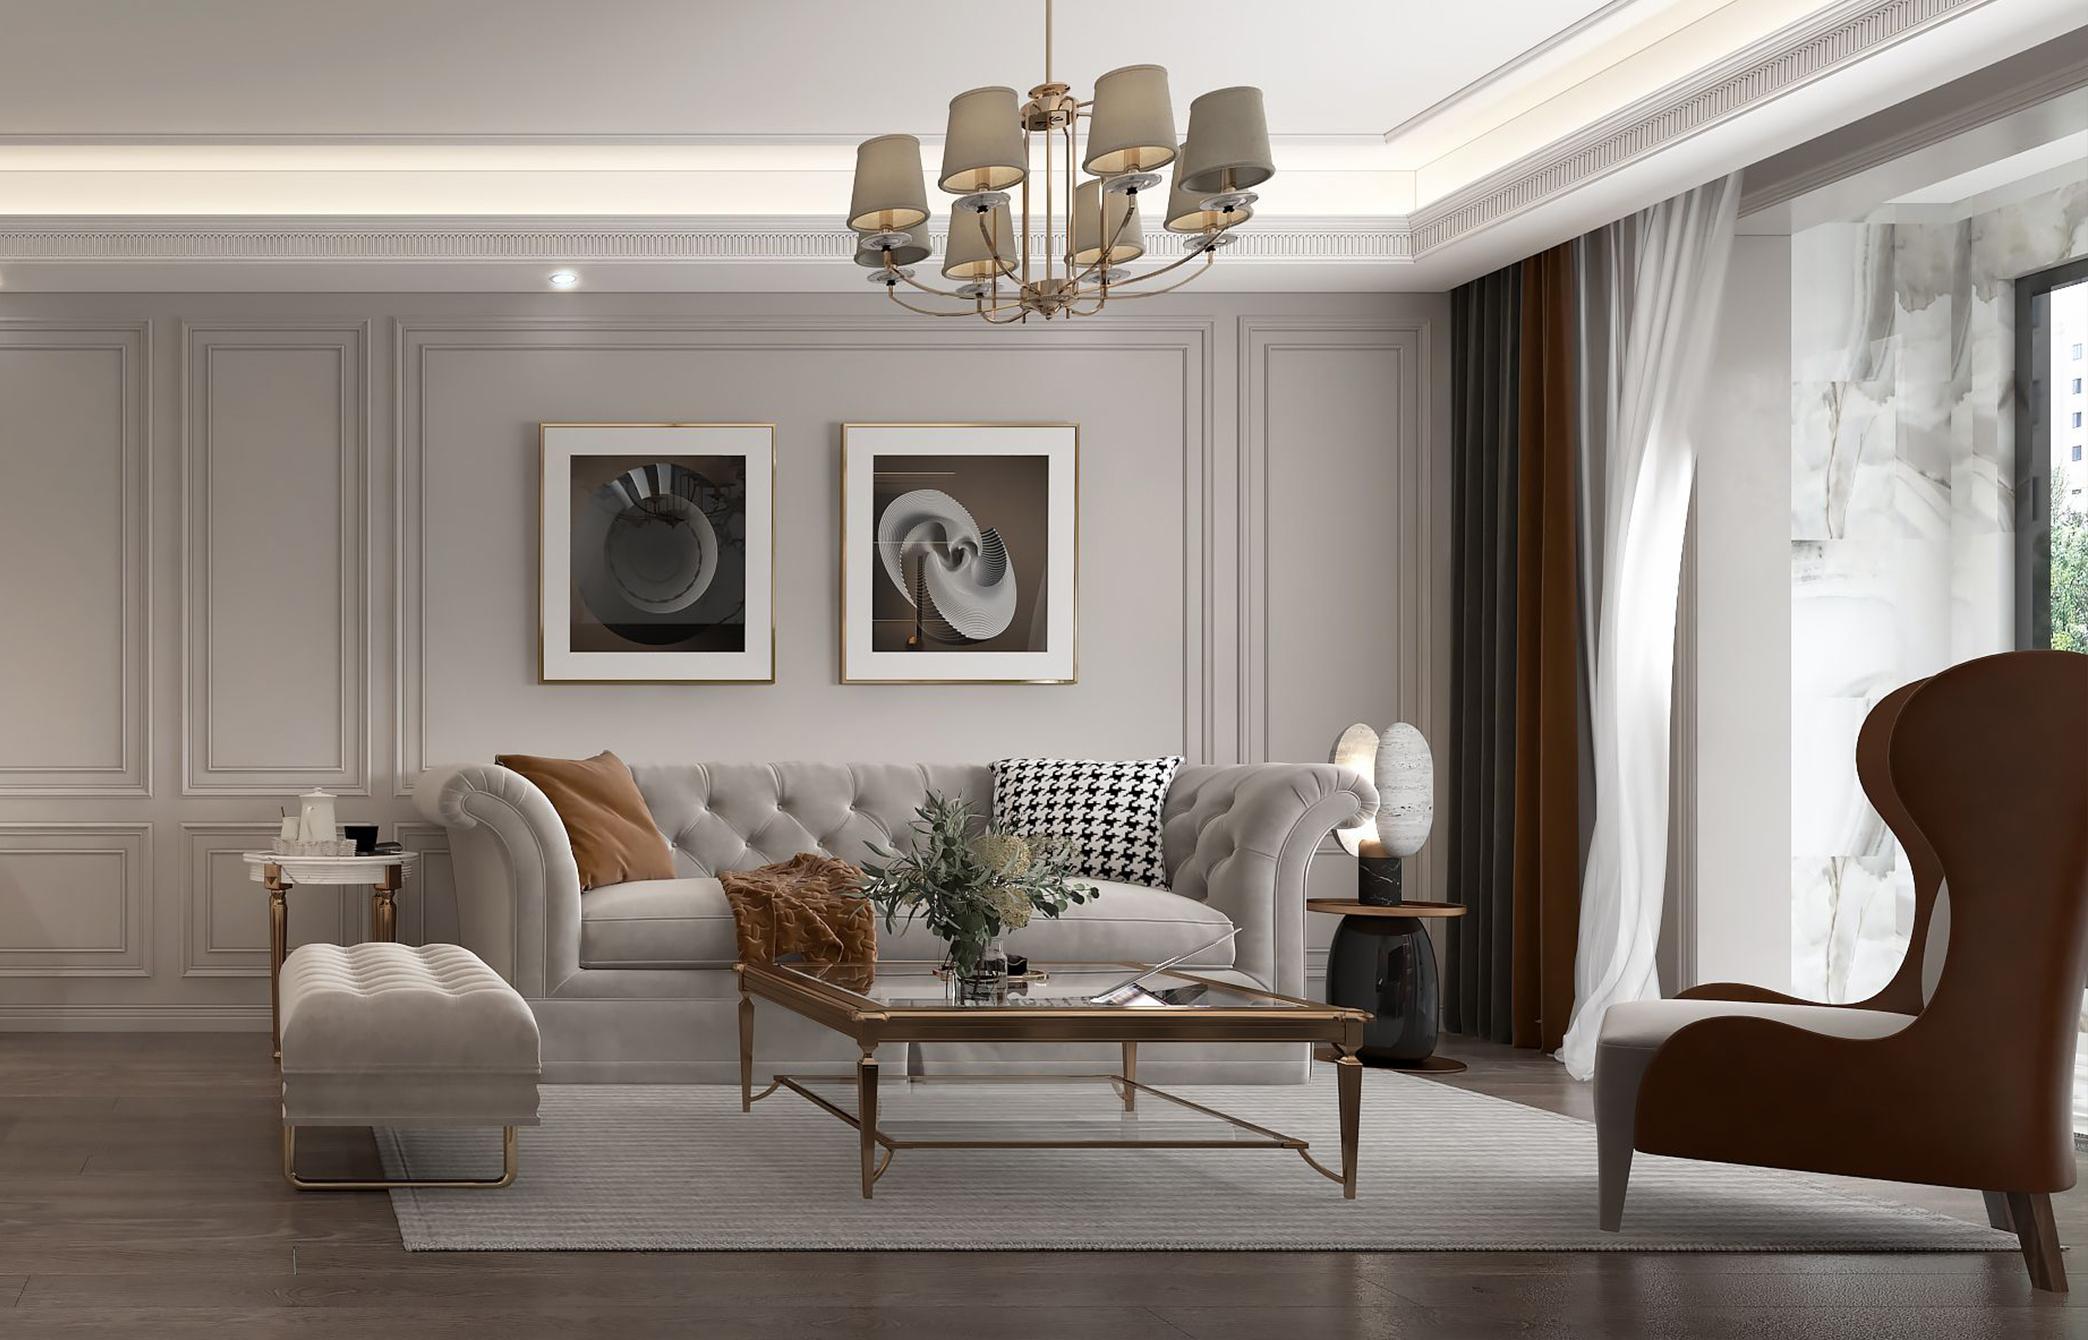 125㎡现代<span style='color: #ff0000'>美式风格</span>三居室,主卧套房设计超实用